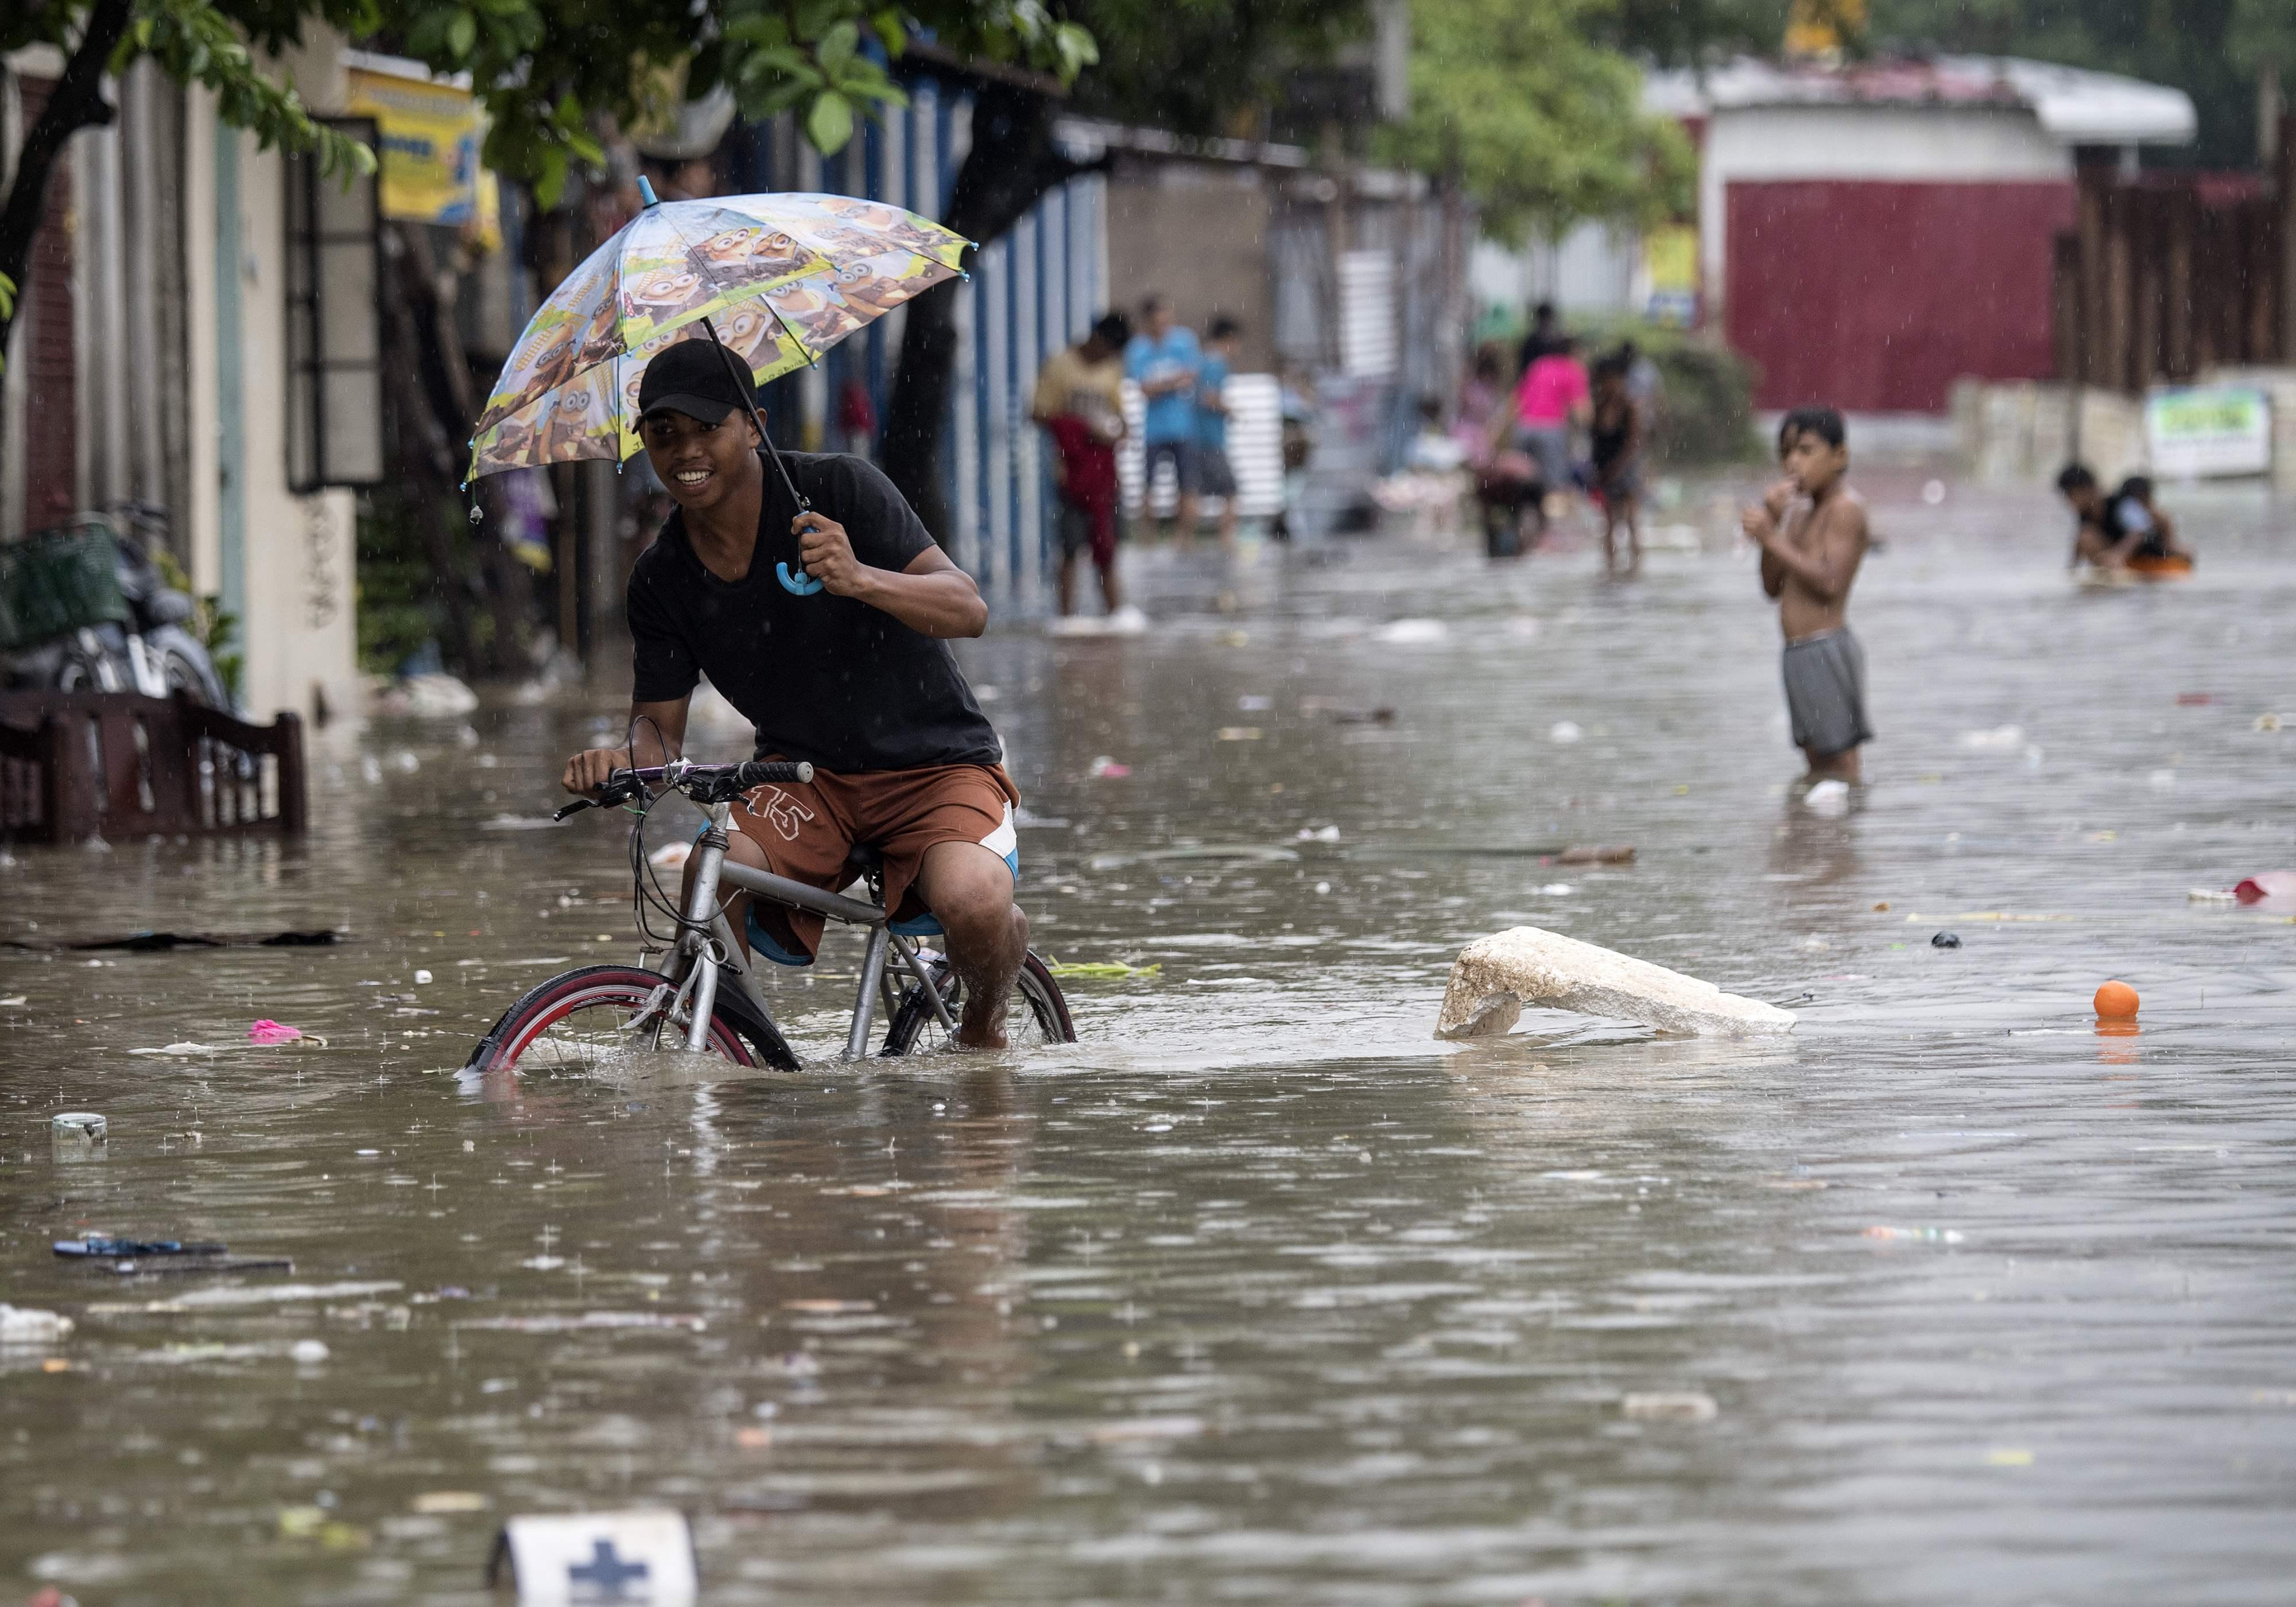 فلبينى وسط الفيضانات